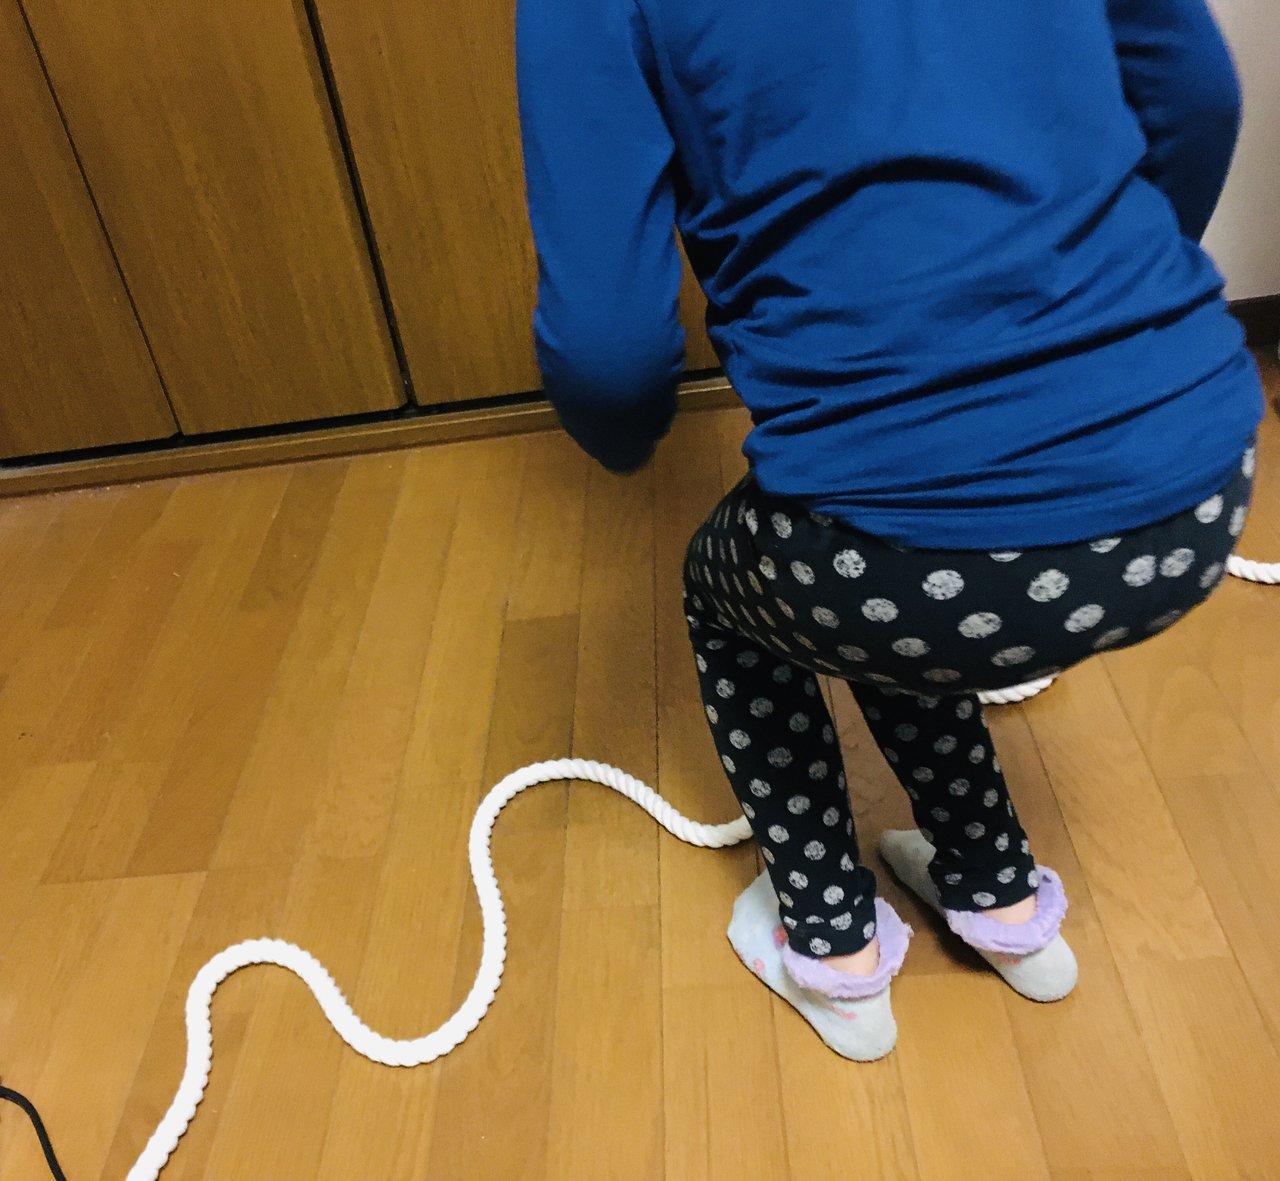 家men,3歳児,運動,にょろにょろロープジャンプ